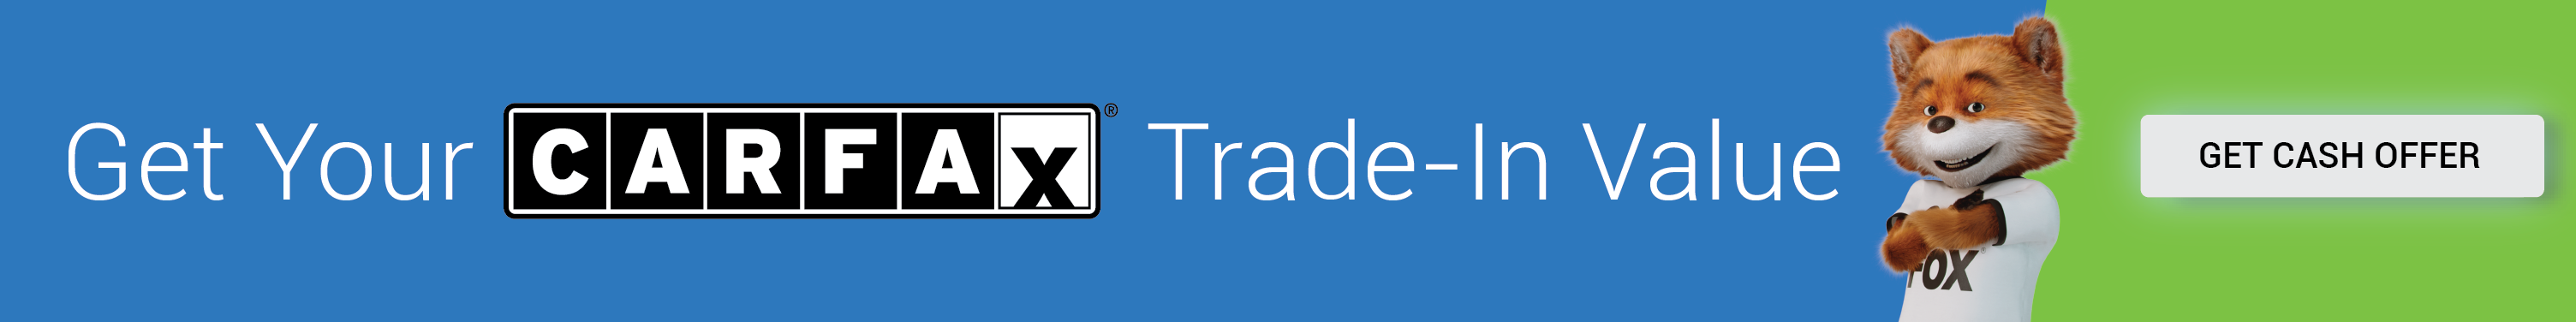 Cappellino Chevrolet - Carfax Tradein Value - Boston, NY